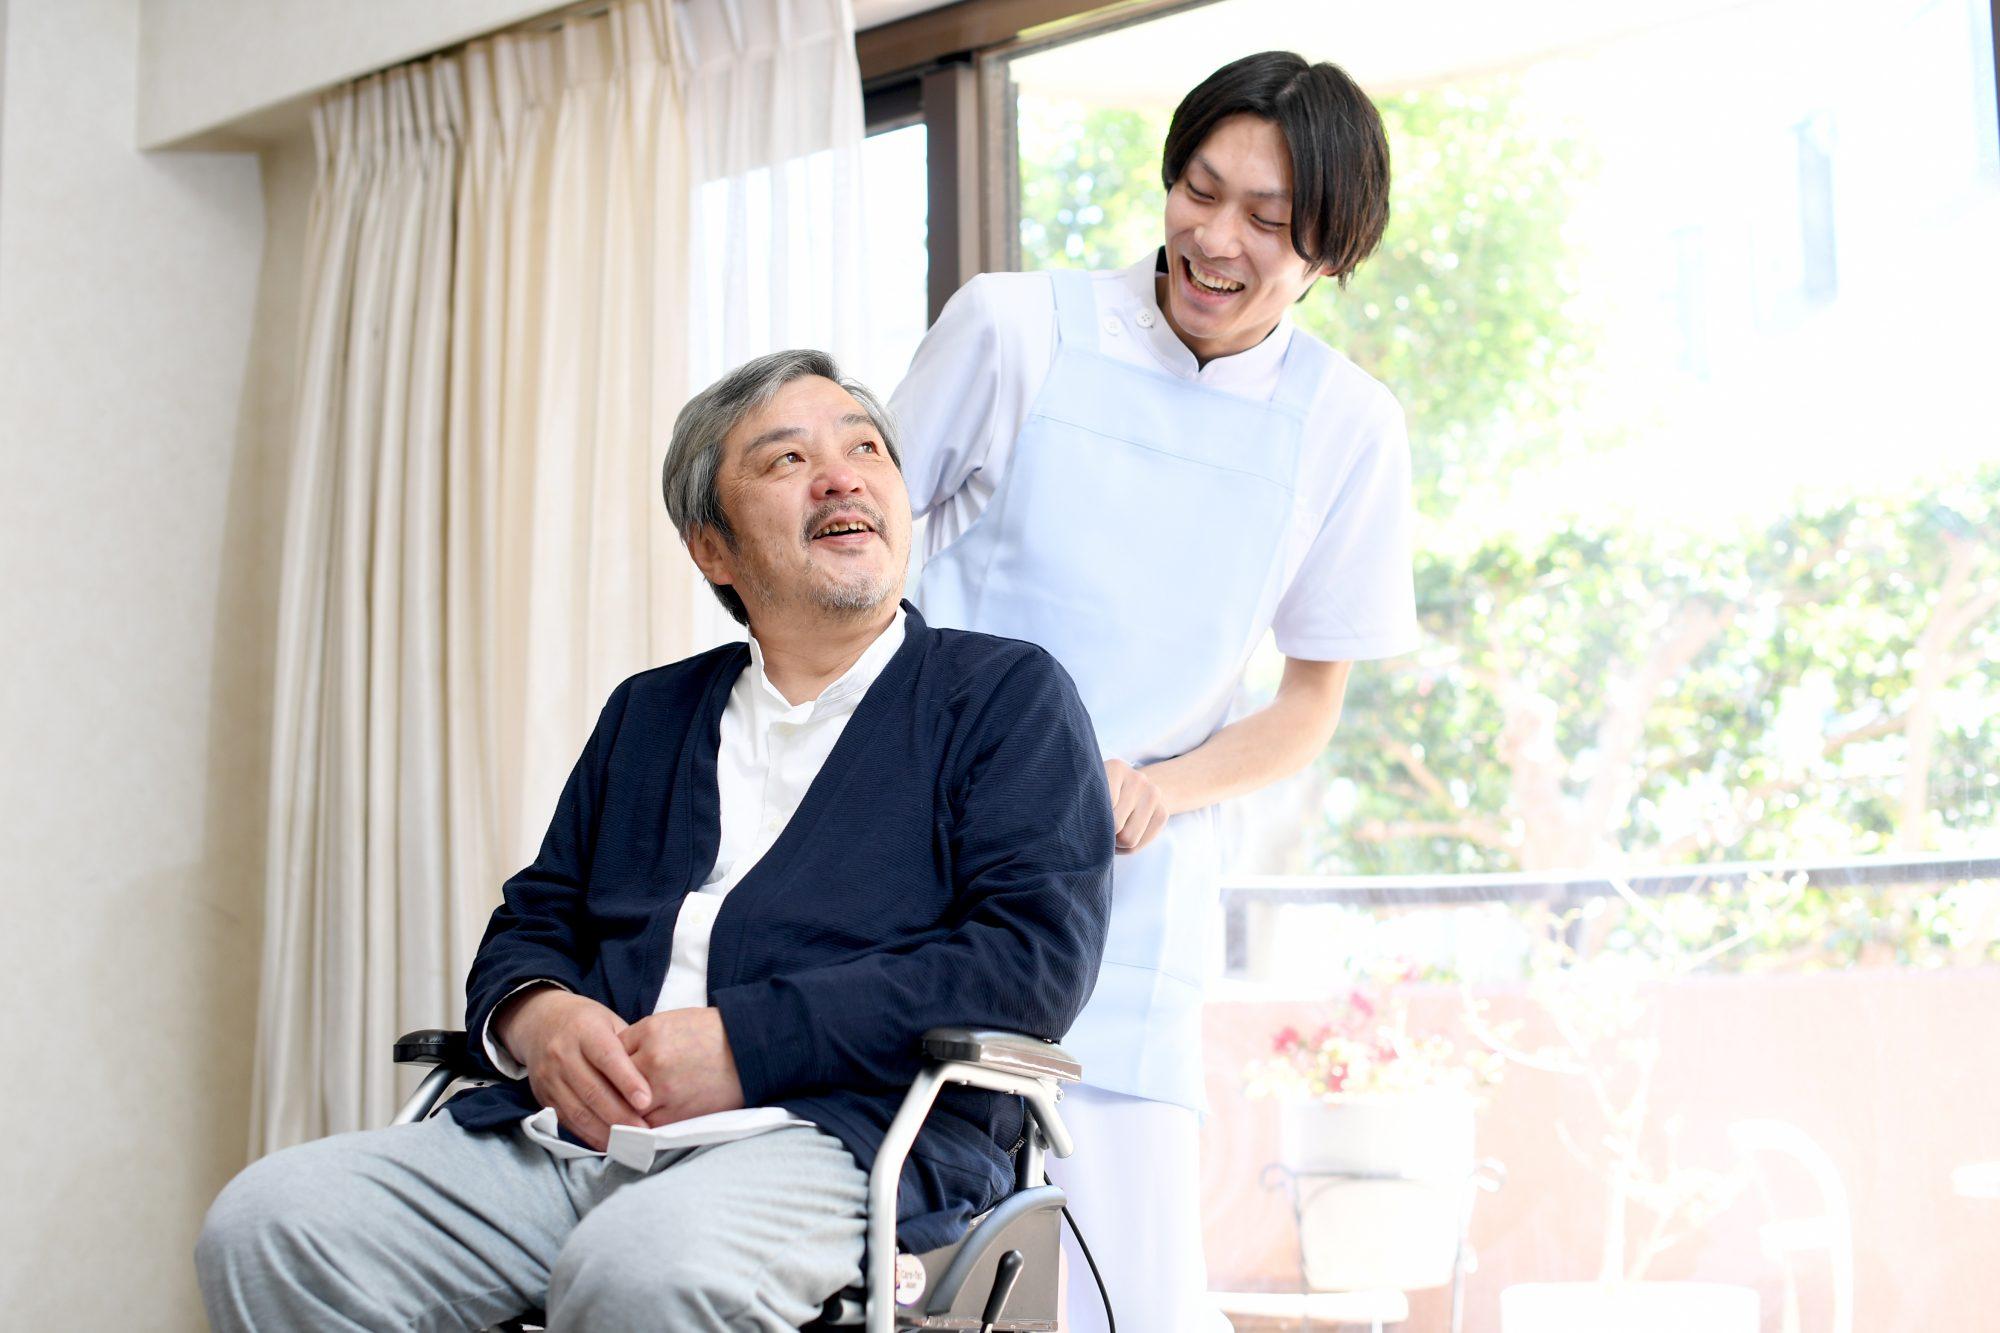 車椅子を押す男性介護士と笑顔のシニア男性